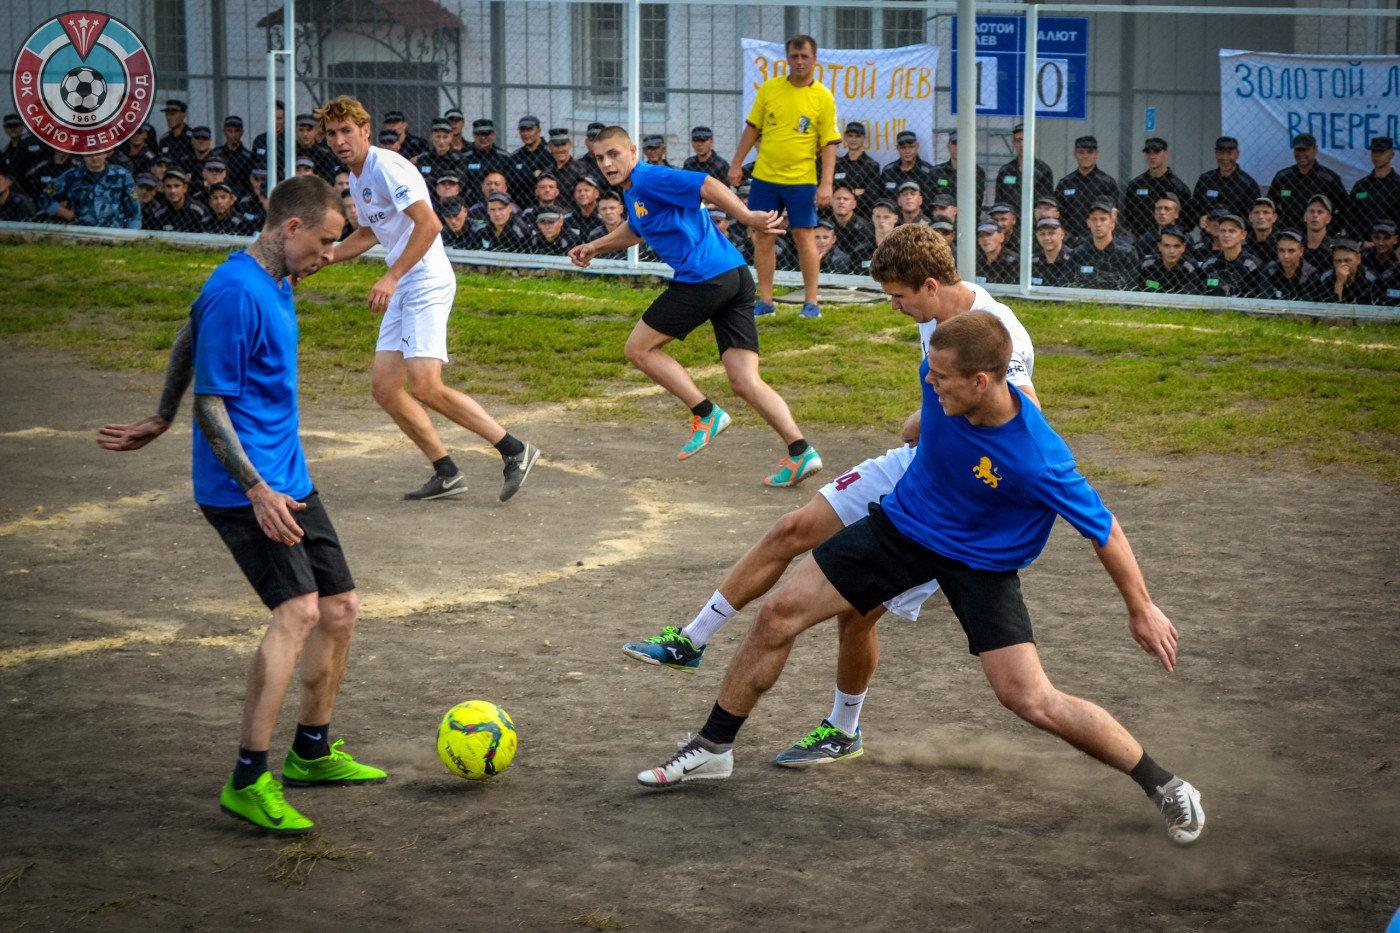 Футбол за зоне, запретный волейбол, нокаут по-императорски. Спортивный Белгород – 2019, фото-1